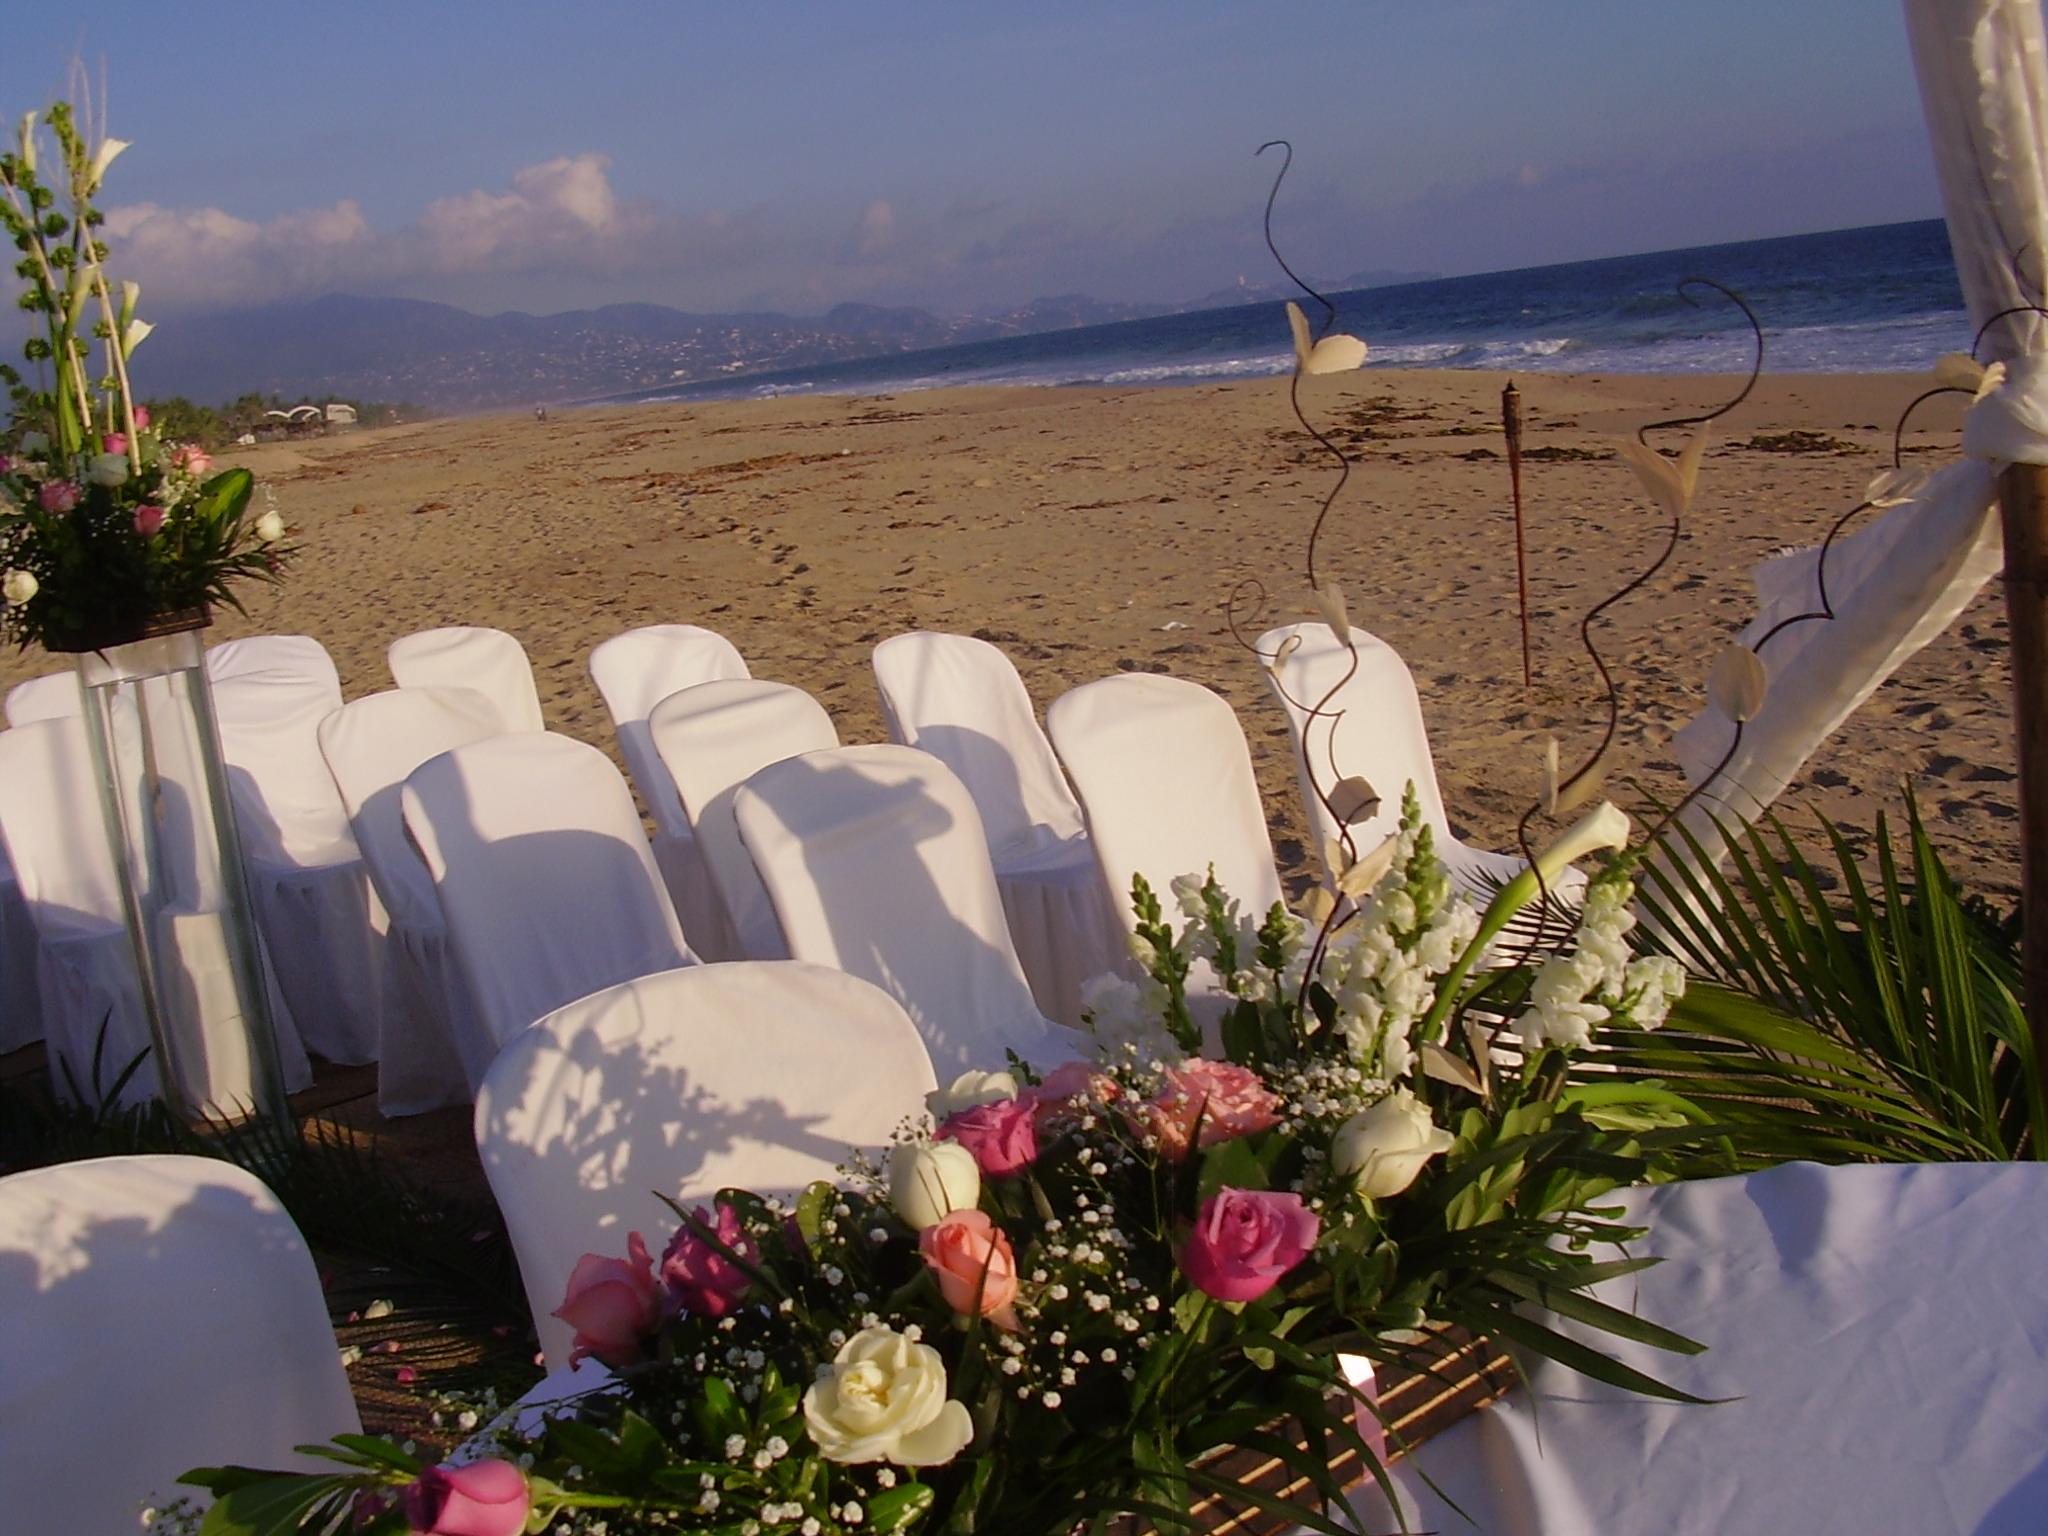 capilla en la playa